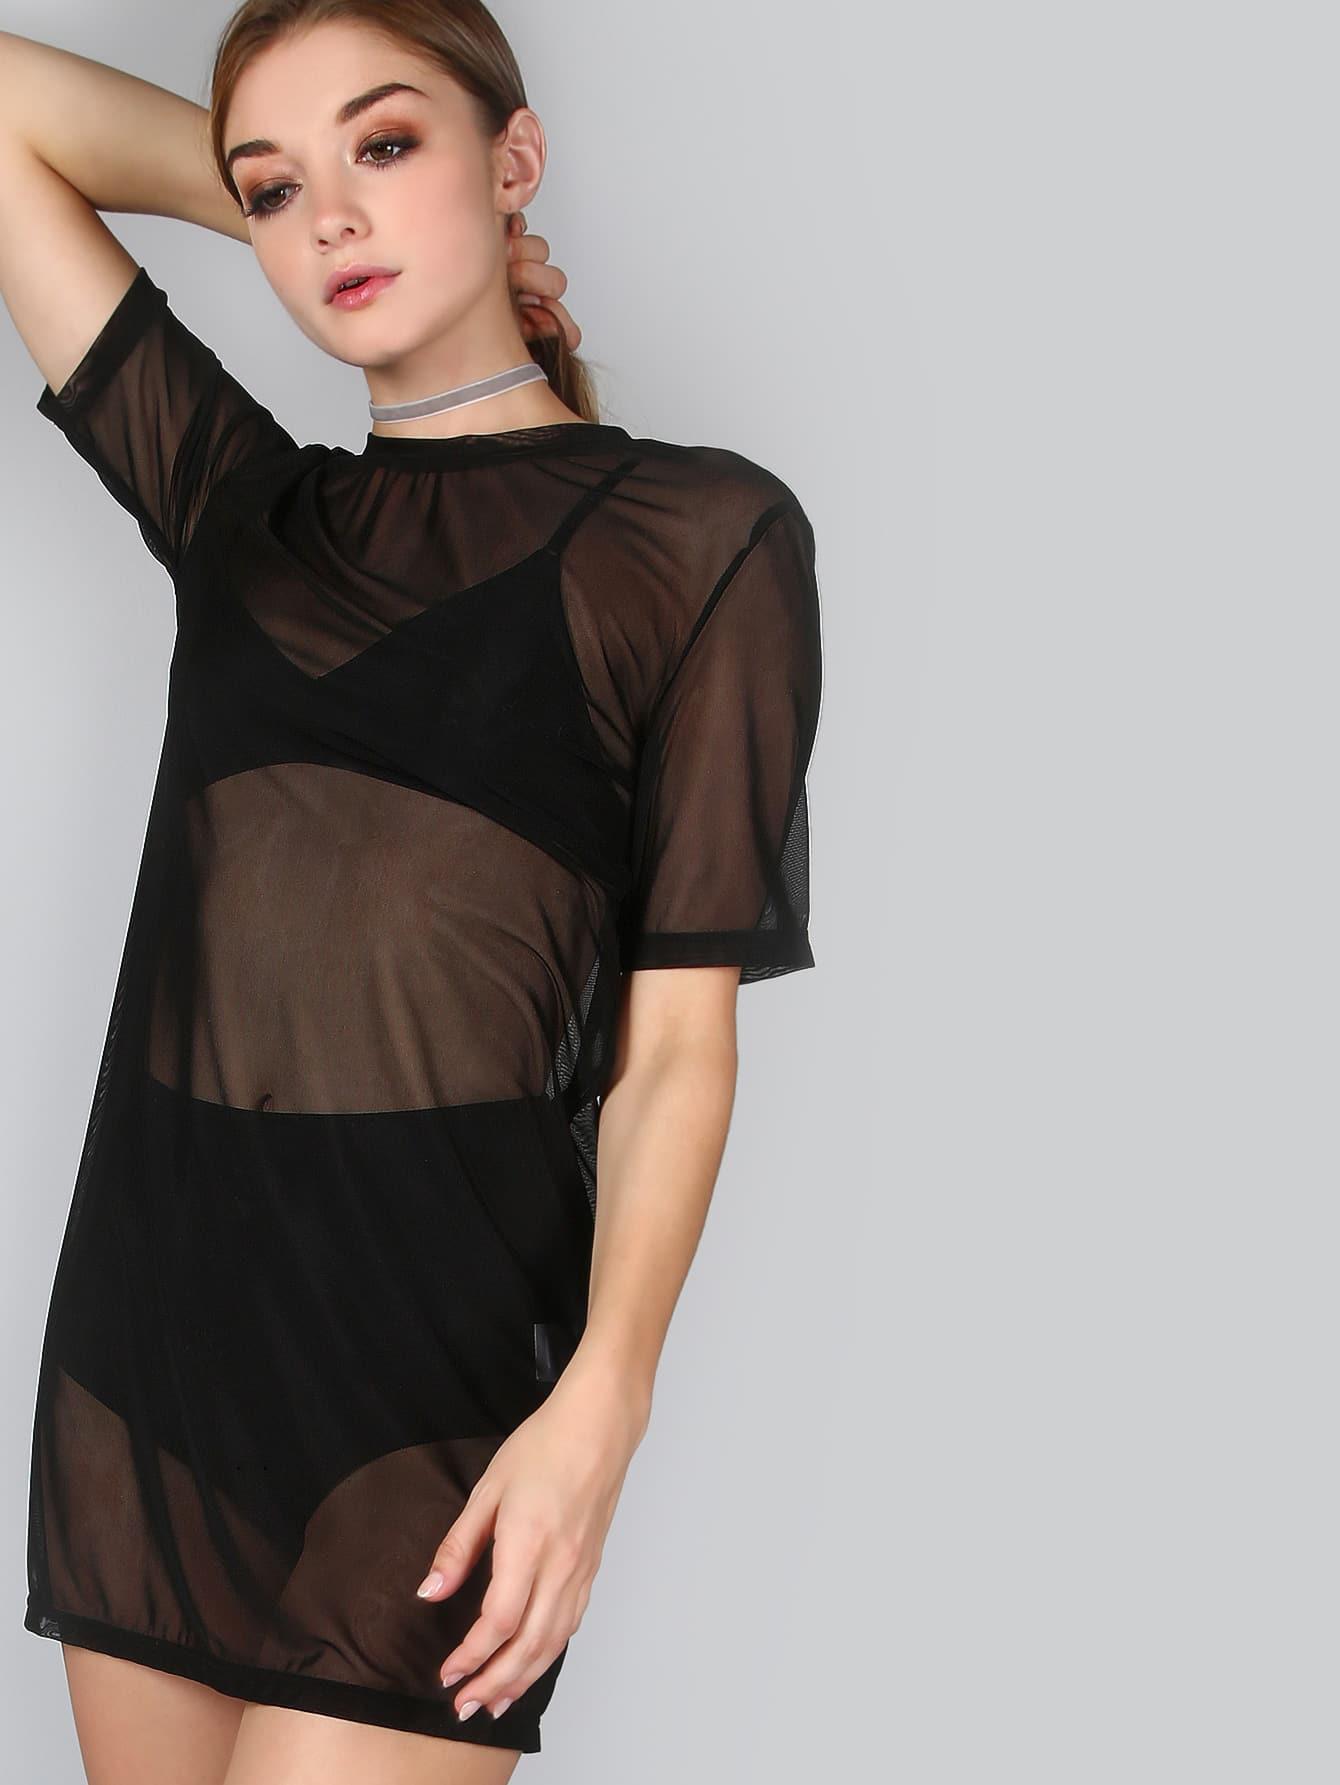 Mesh T-Shirt Dress BLACKMesh T-Shirt Dress BLACK<br><br>color: Black<br>size: L,M,S,XS